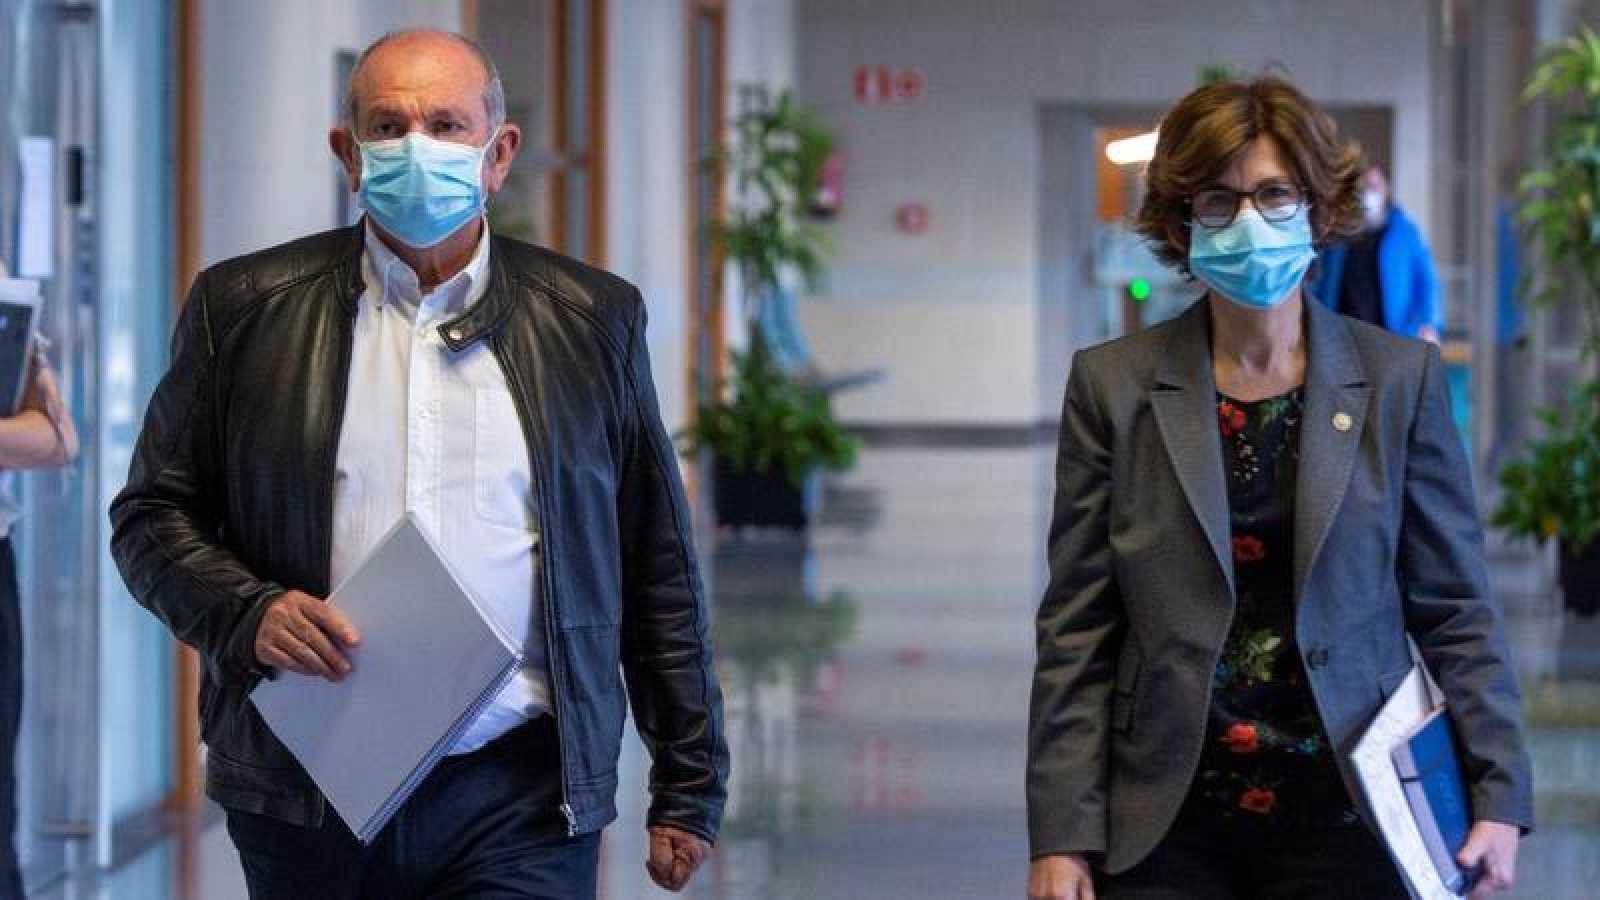 La consejera de Salud del Gobierno Vasco, Nekane Murga, y el director gerente del hospital de Basurto (Bizkaia), Eduardo Maiz